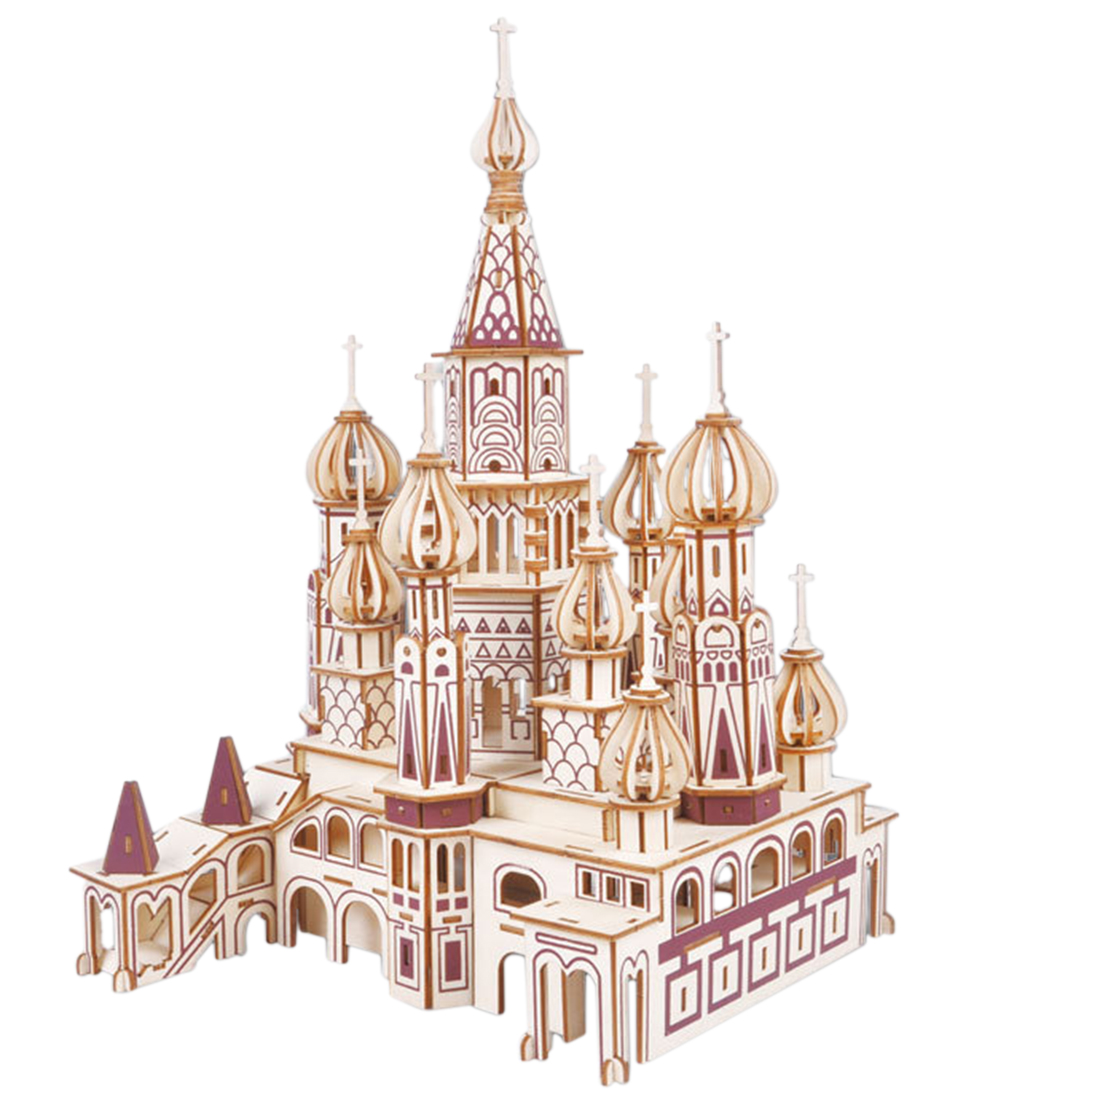 Bricolage russe château 3D en bois Simulation Puzzle modèle Kits de construction jouet pour développer des jouets d'intelligence pour les enfants